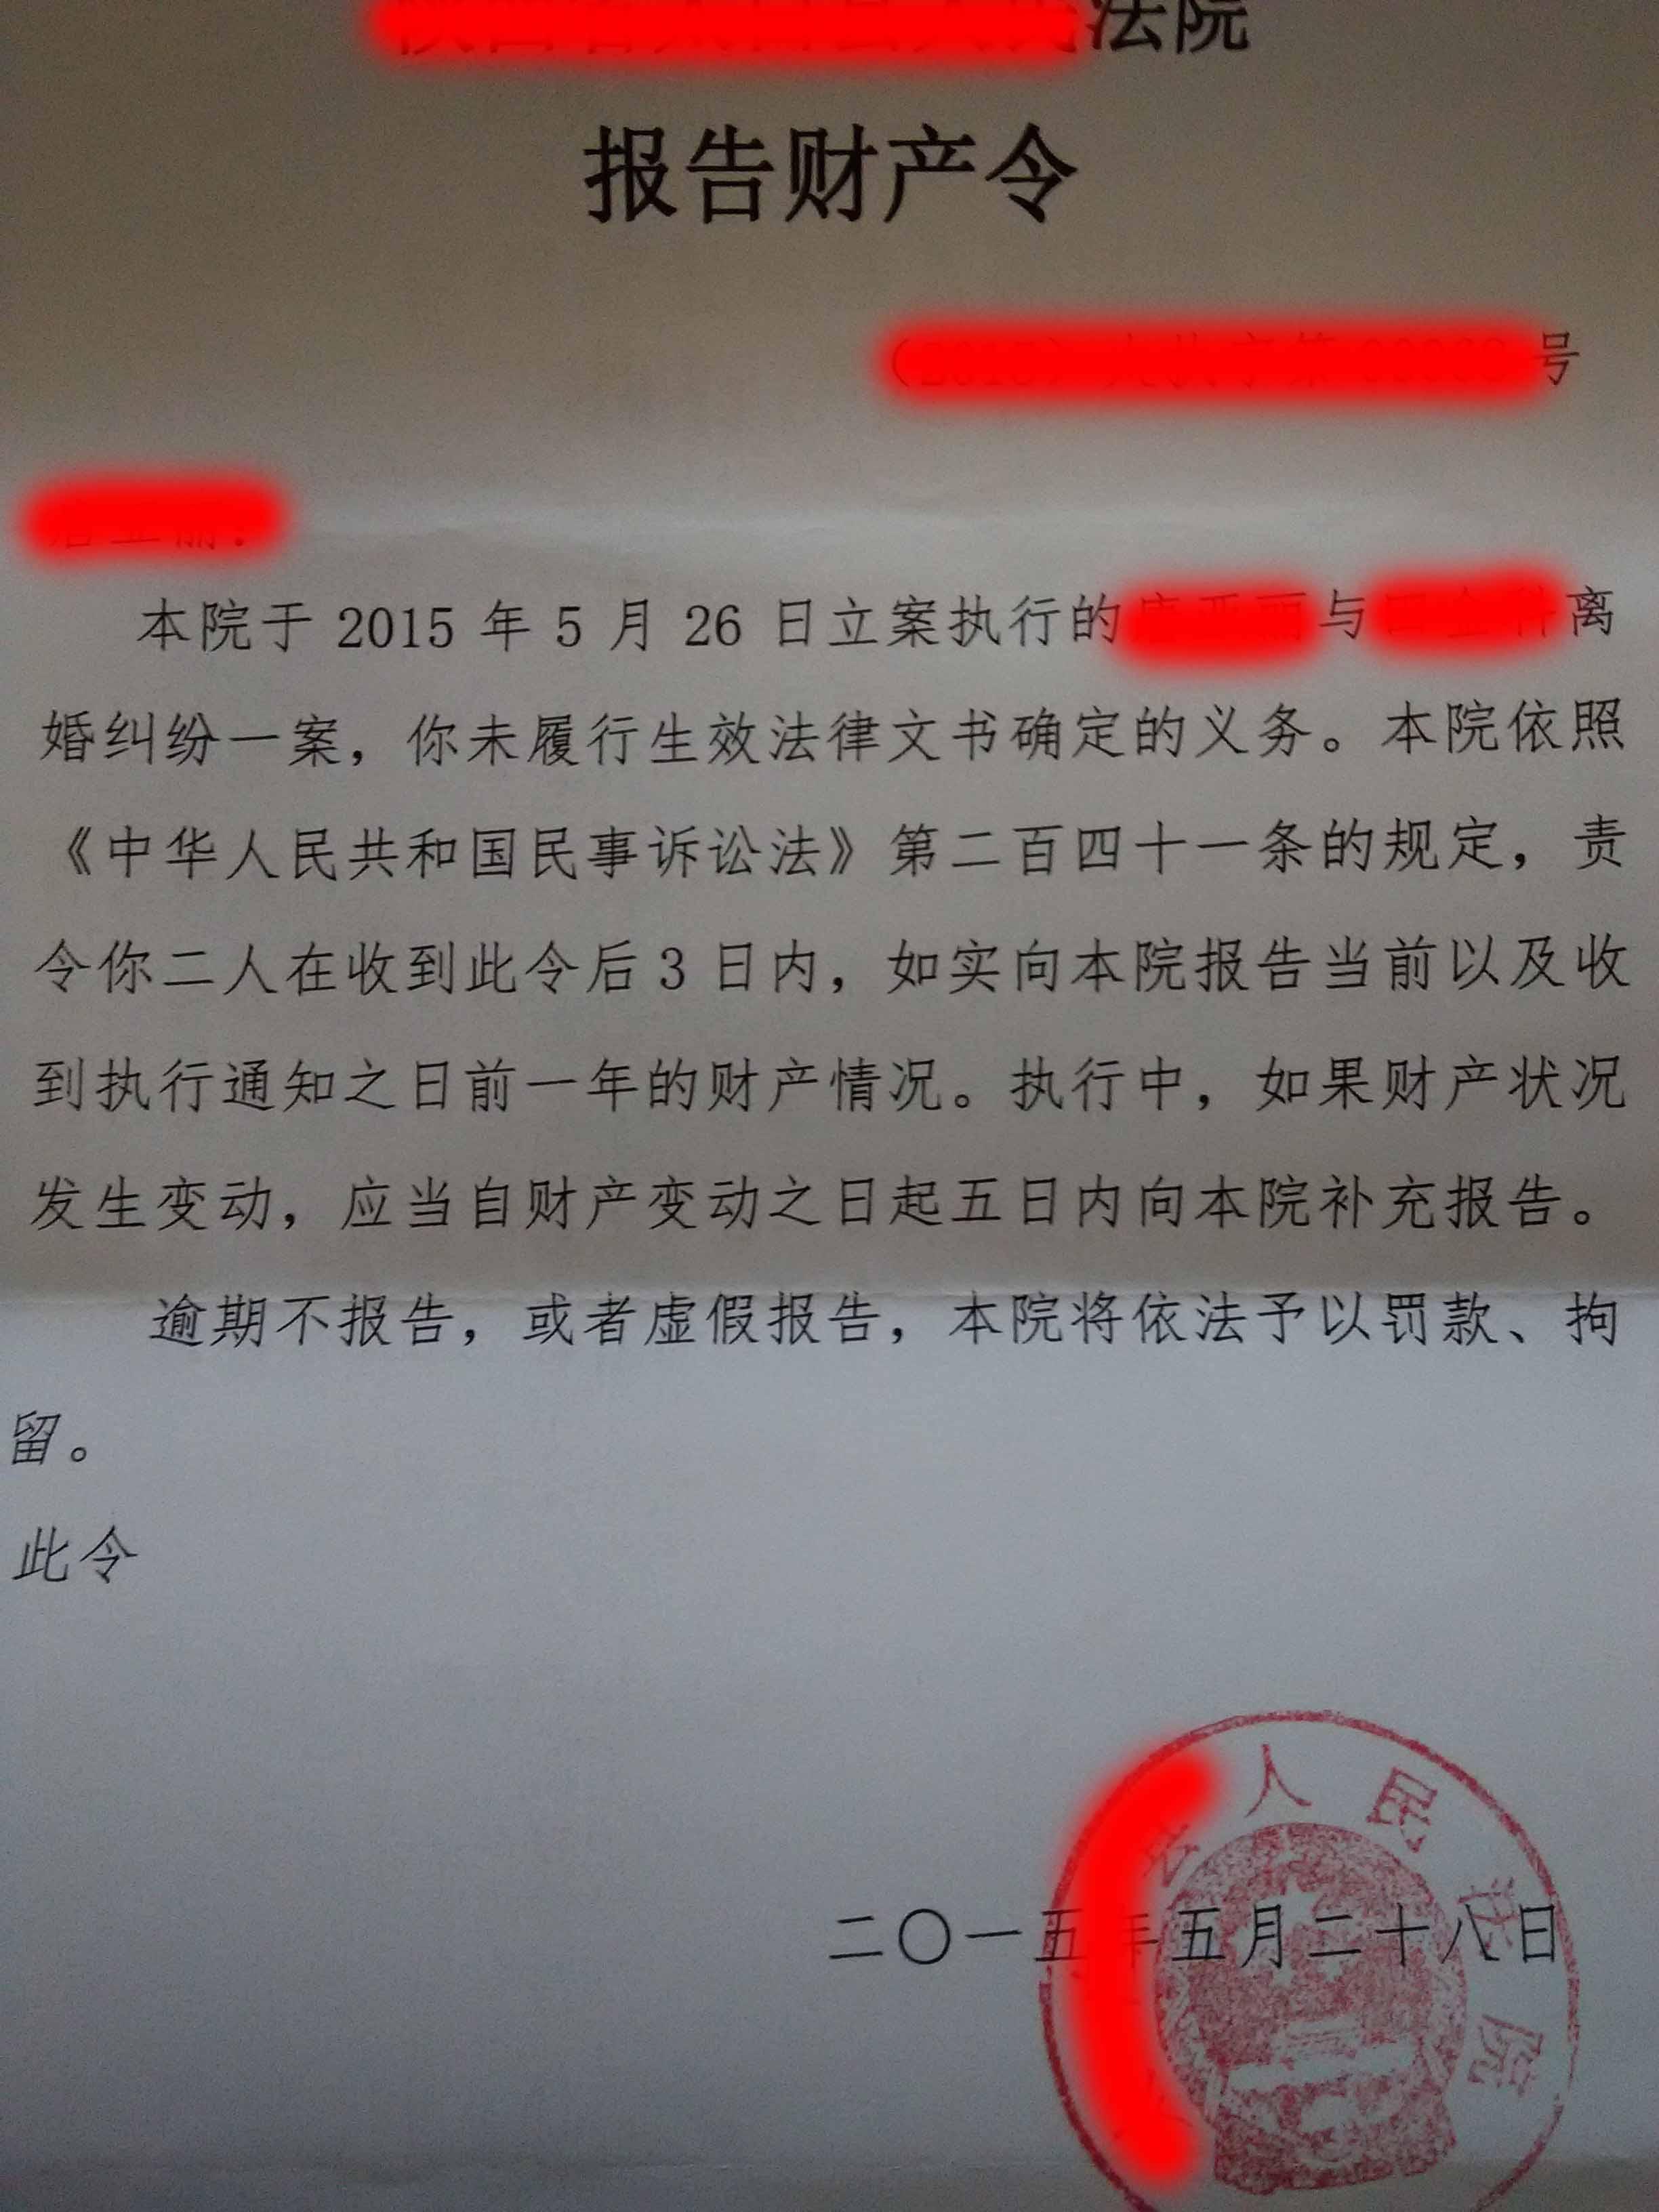 中国民航报 行李一件令_报告班长女兵5号报倒_报告财产令不去报后果